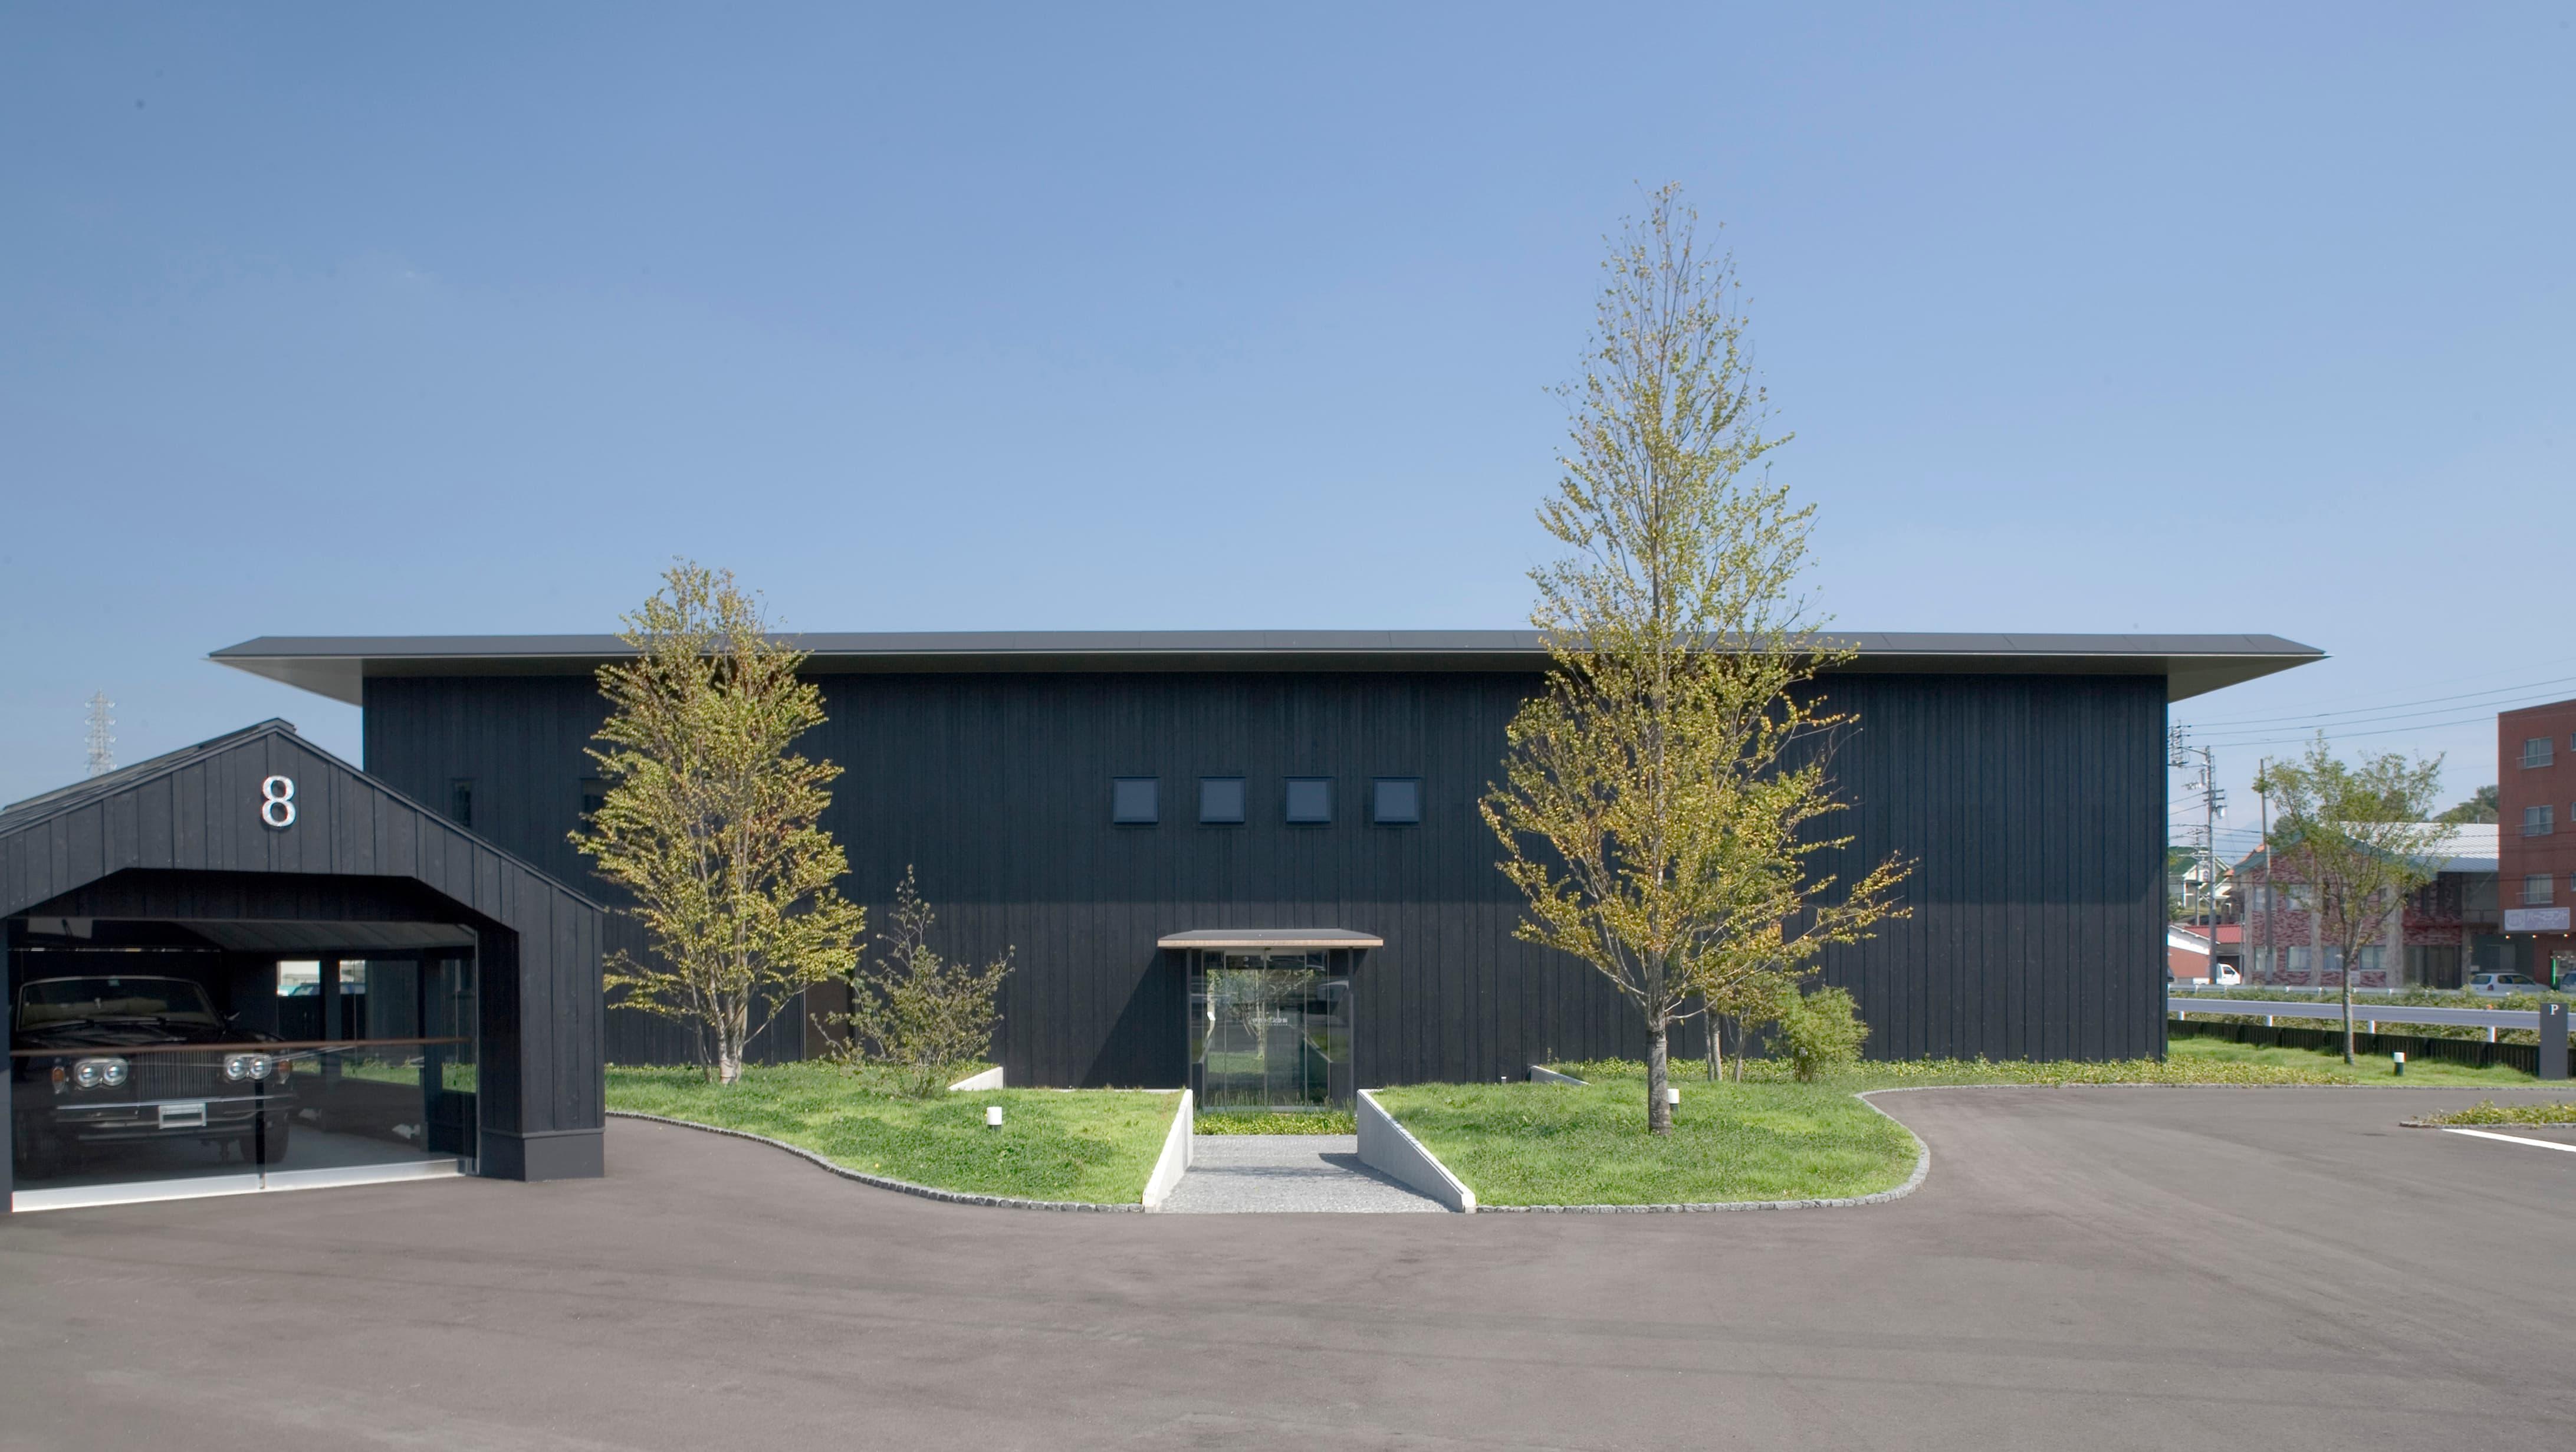 Juzo Itami Museum